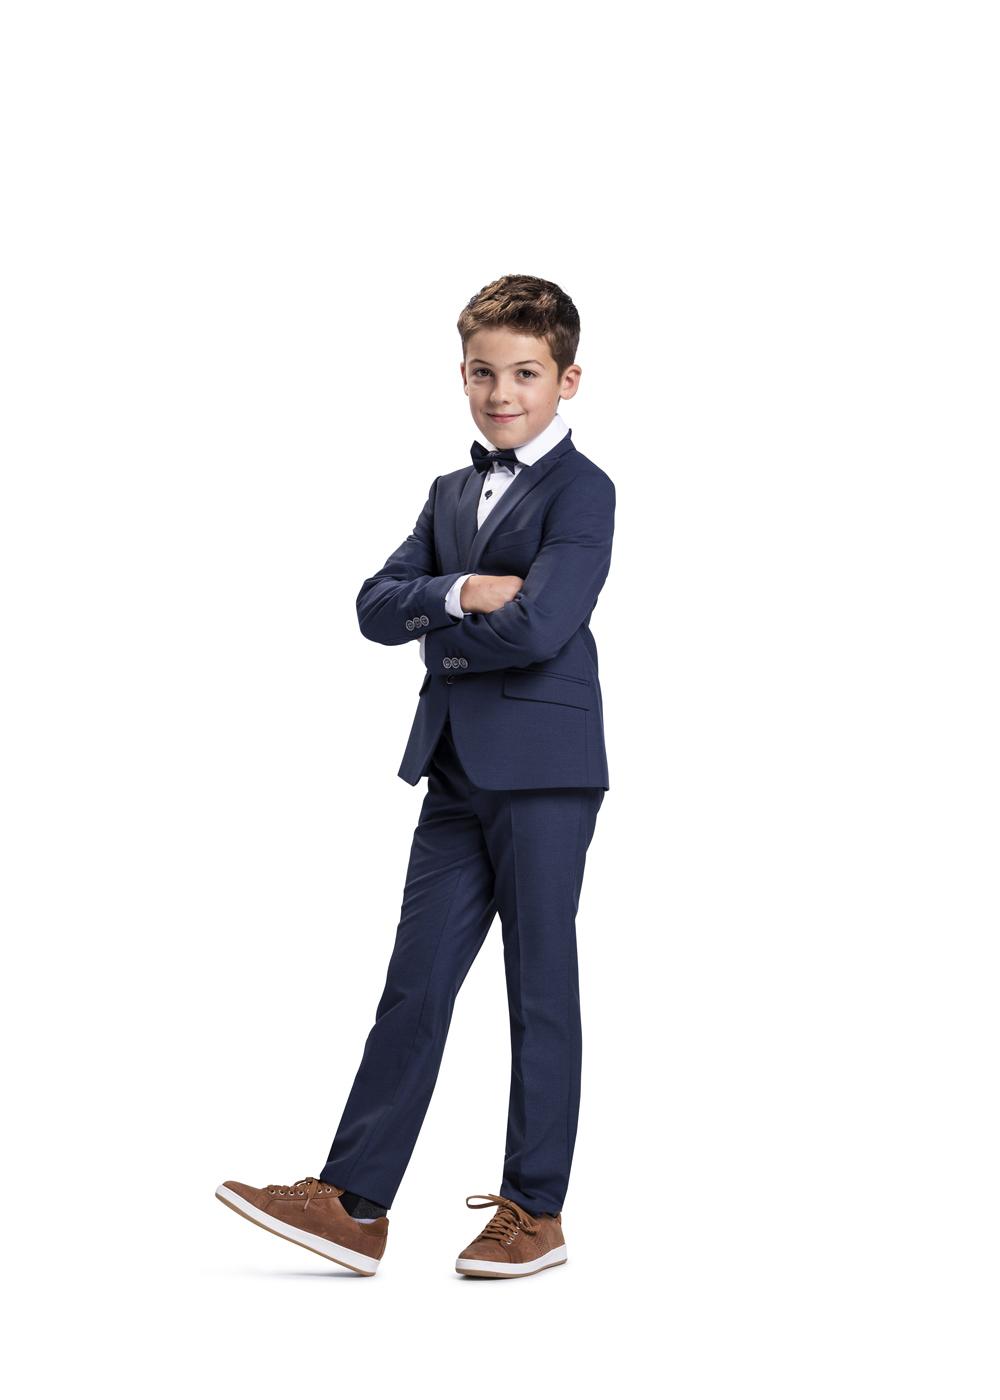 Moderner Kommunionanzug für Jungen von Weise Junior - Modell 7516551. Dunkelblauer Anzug auch in slim fit erhältlich.